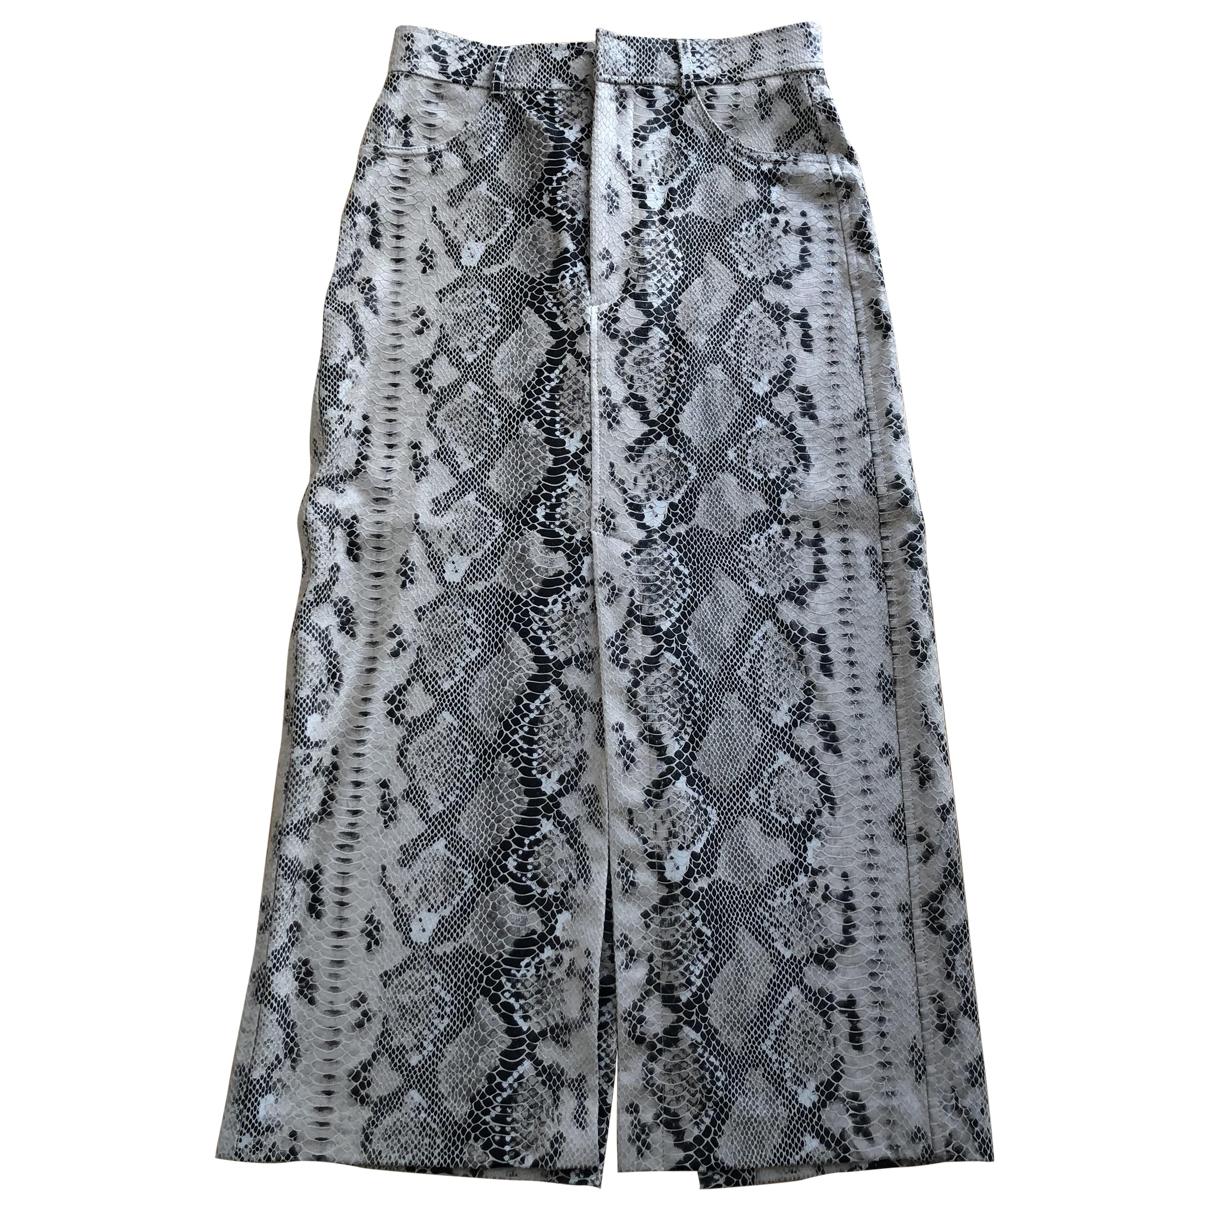 Zara \N skirt for Women XS International